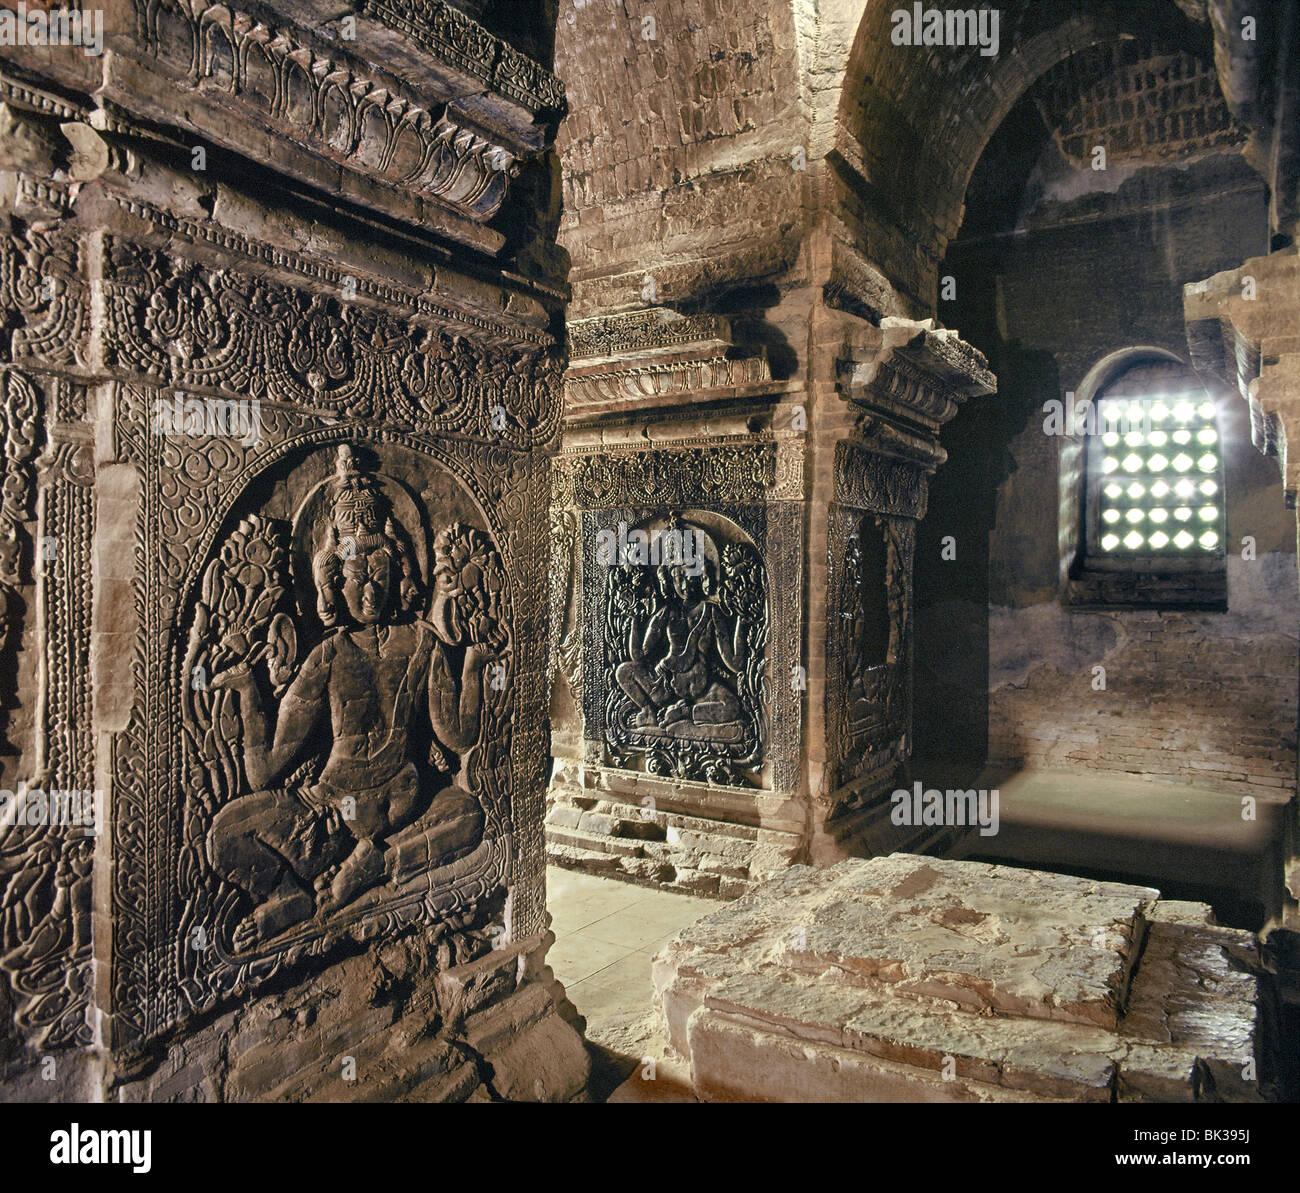 Le sanctuaire intérieur de temple Nanpaya, avec images brahmanique sculptés sur les piliers, Bagan (Pagan), Photo Stock